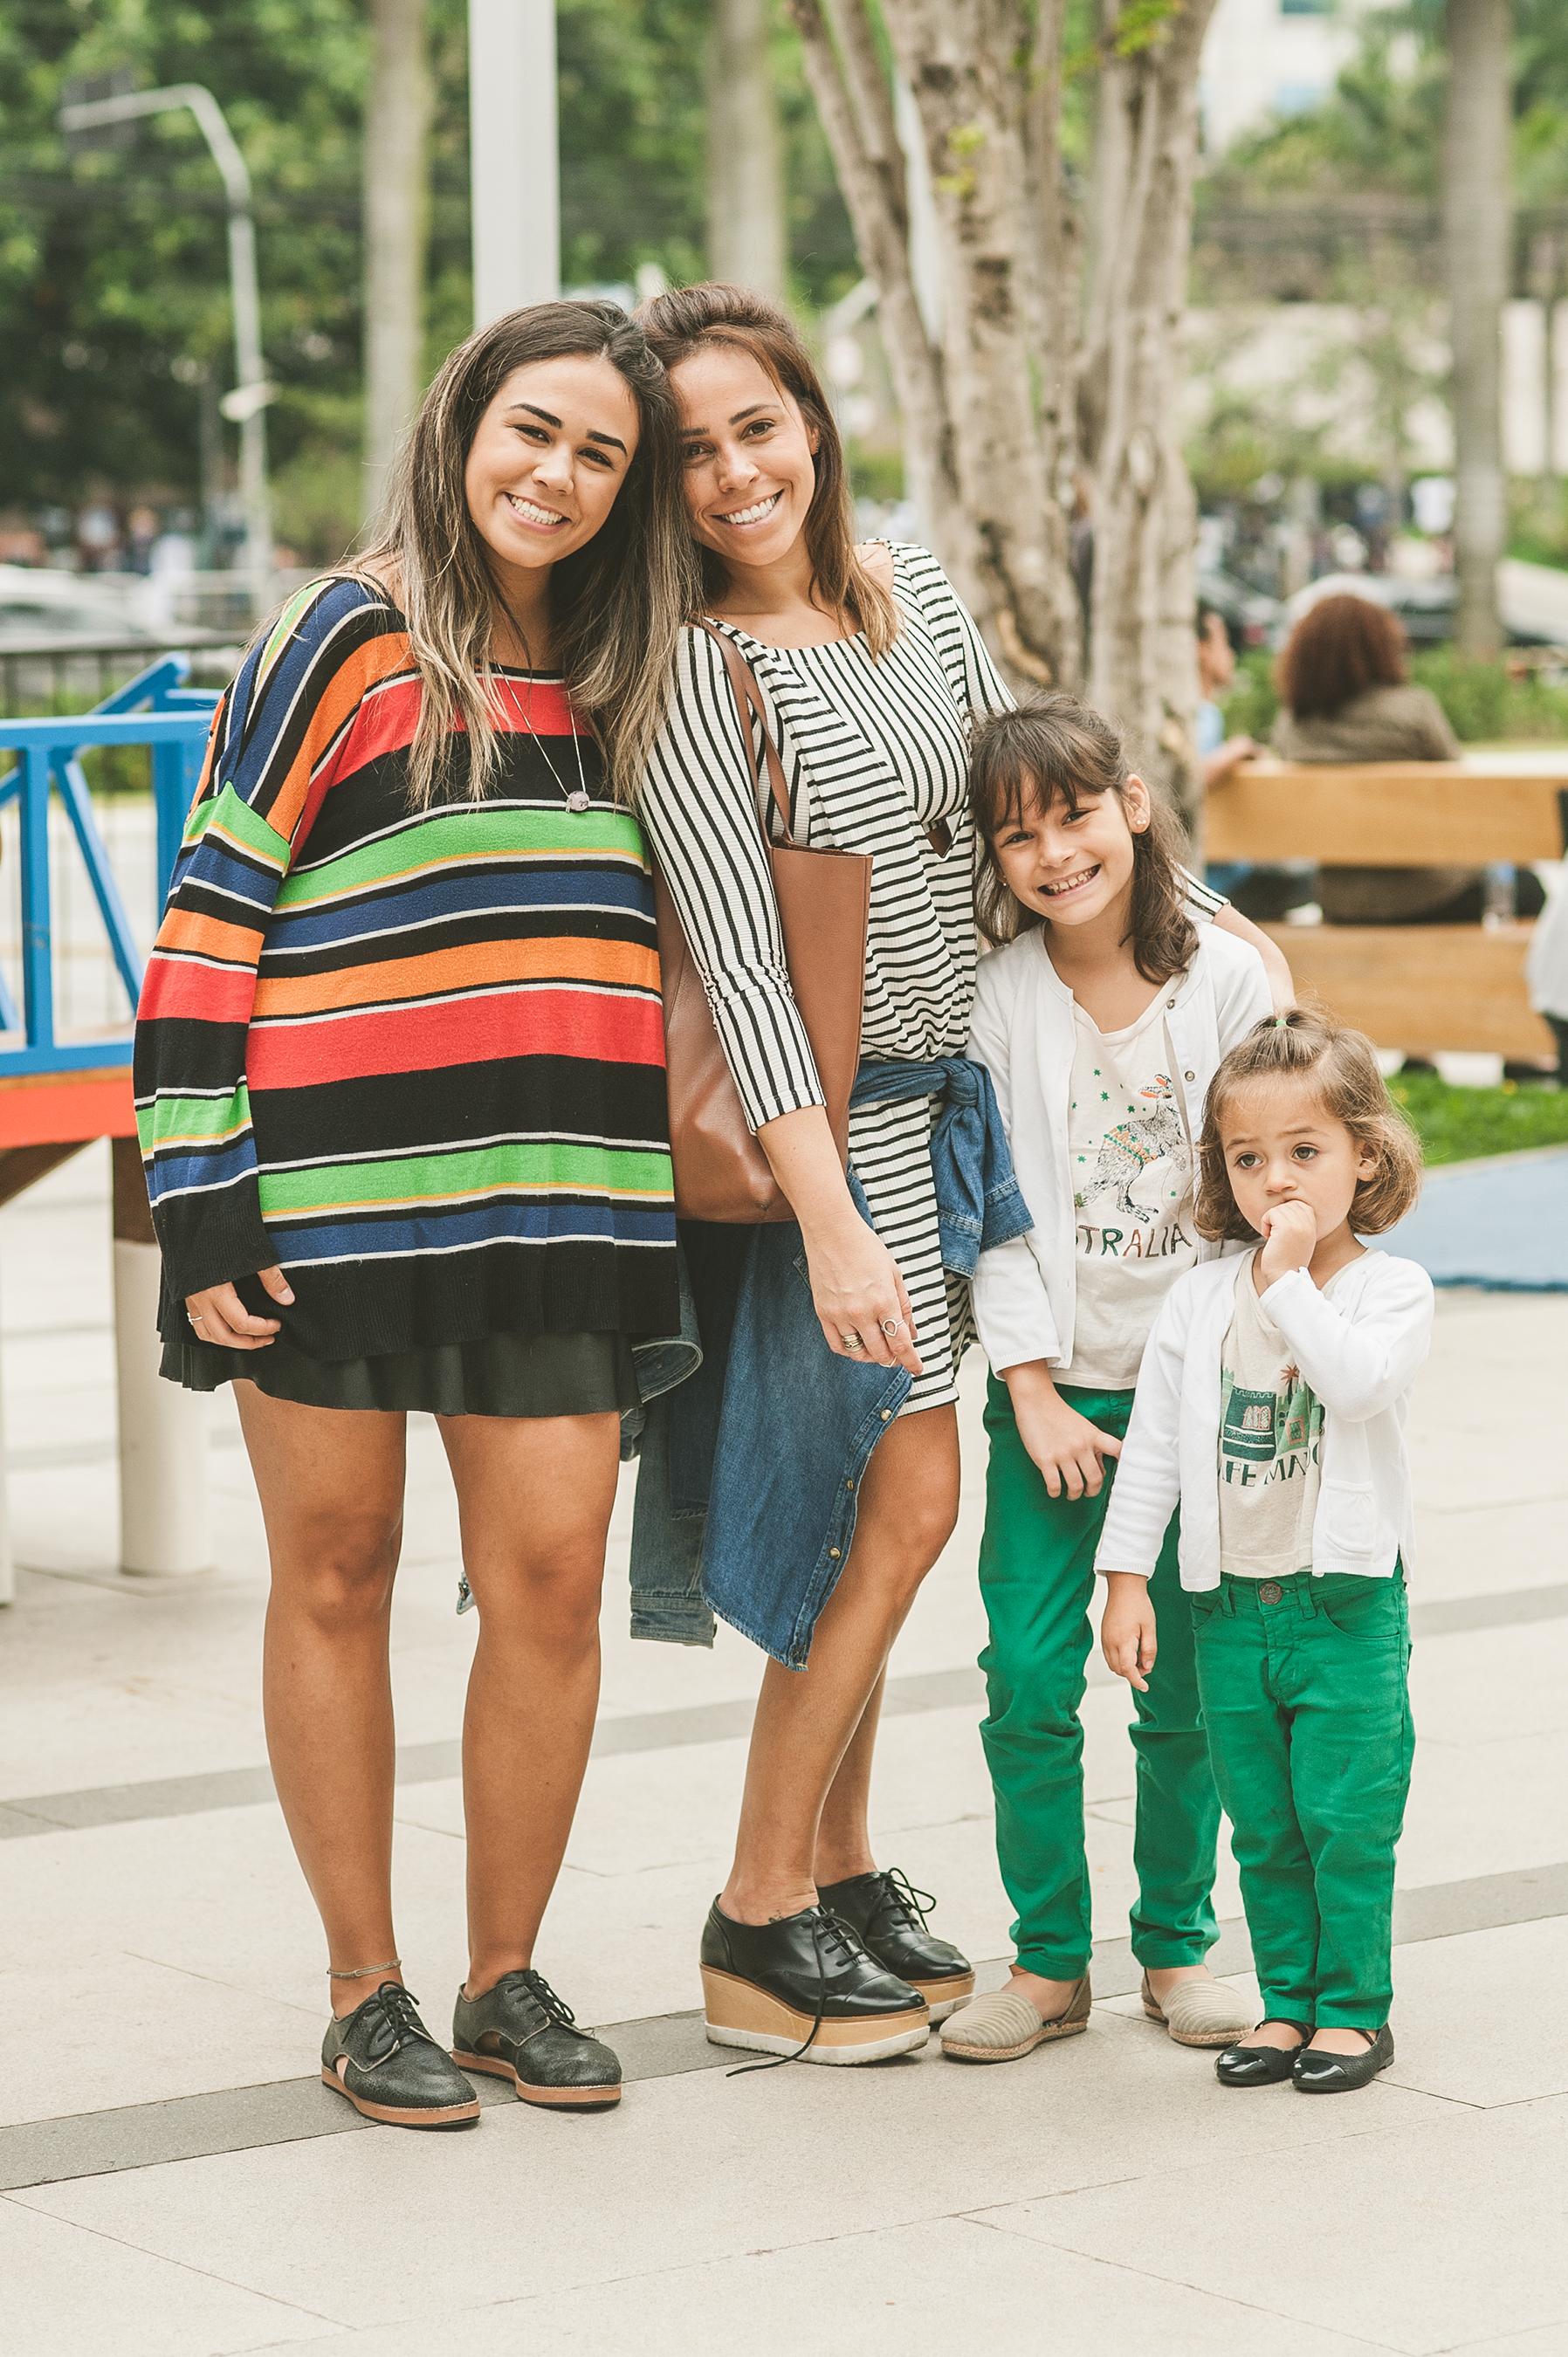 Teve a família maravilhosa da  Roberta Monteiro , que levou a tia,  Karina Olaia  e as fofuras  Helena  e  Olívia Monteiro  para curtir o fim de semana no festival. Sobrinha e tia amaram as peças da Eulíricas, já as pequenas se jogaram foi no parquinho Erê Lab.